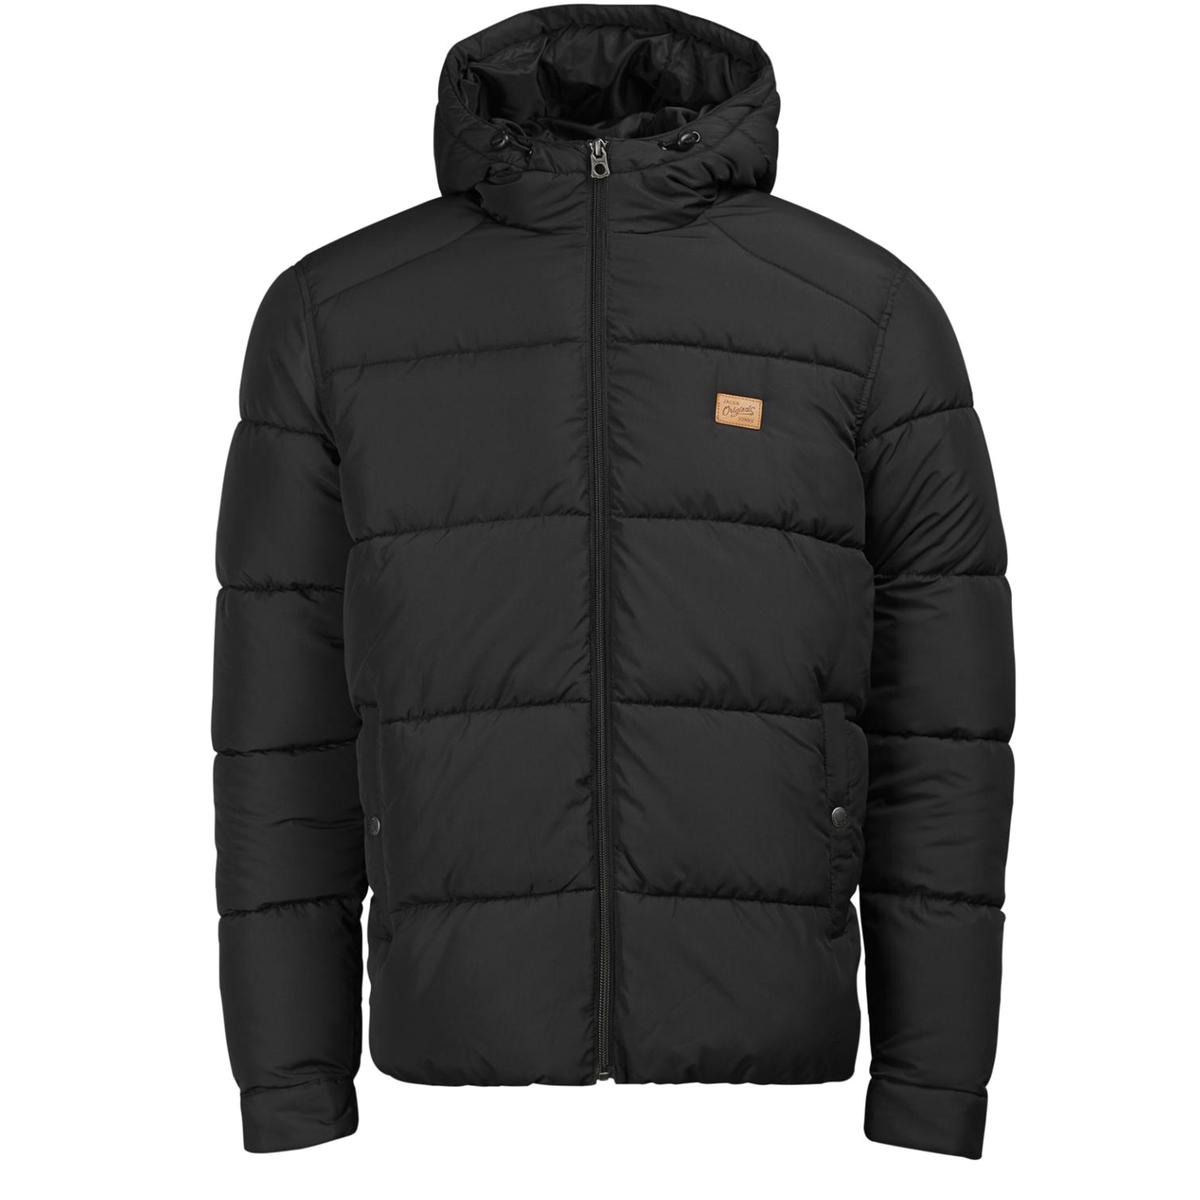 Стеганая куртка с капюшономСтеганая куртка с капюшоном JACK &amp; JONES. Прямой покрой, воротник стойка с капюшоном. Карманы по бокам. Вставки на плечах. Эластичный низ. Состав и описаниеМатериал: 100% полиэстерМарка: JACK &amp; JONES<br><br>Цвет: черный<br>Размер: XXL.XL.L